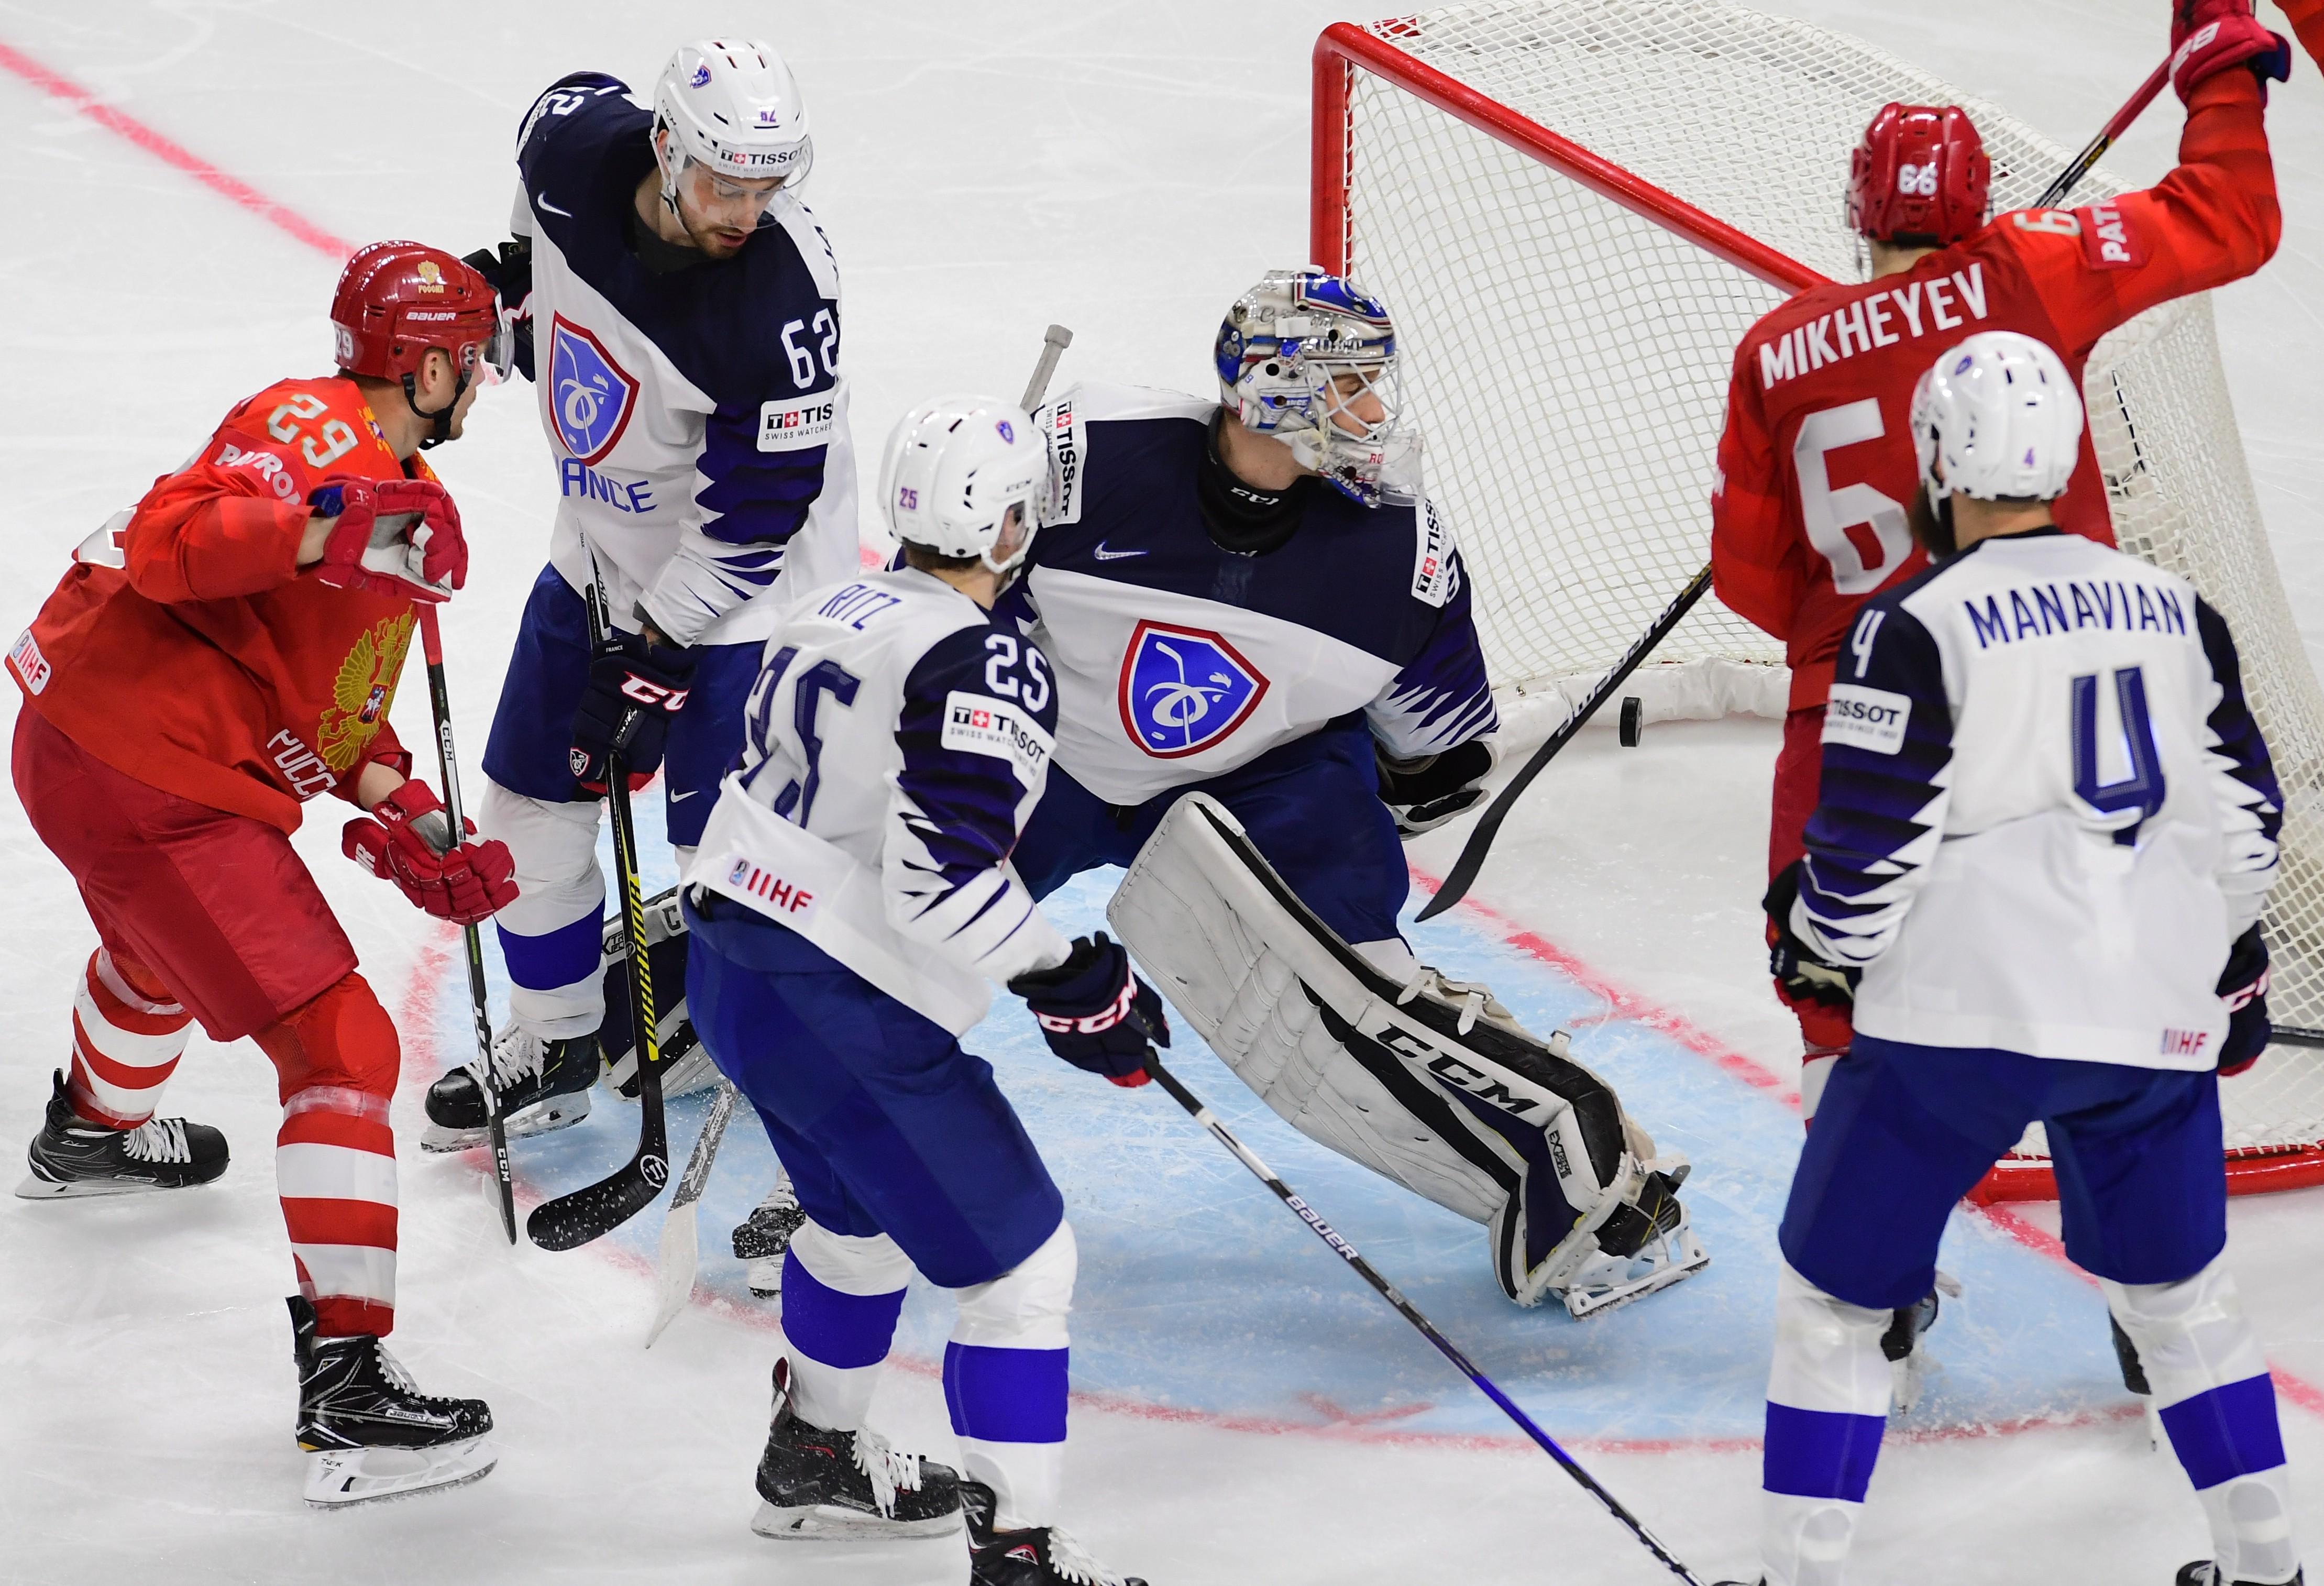 Сборная Франции на последнем чемпионате мира по хоккею уступила России 0:7. Фото: ©РИА Новости/Алексей Куденко